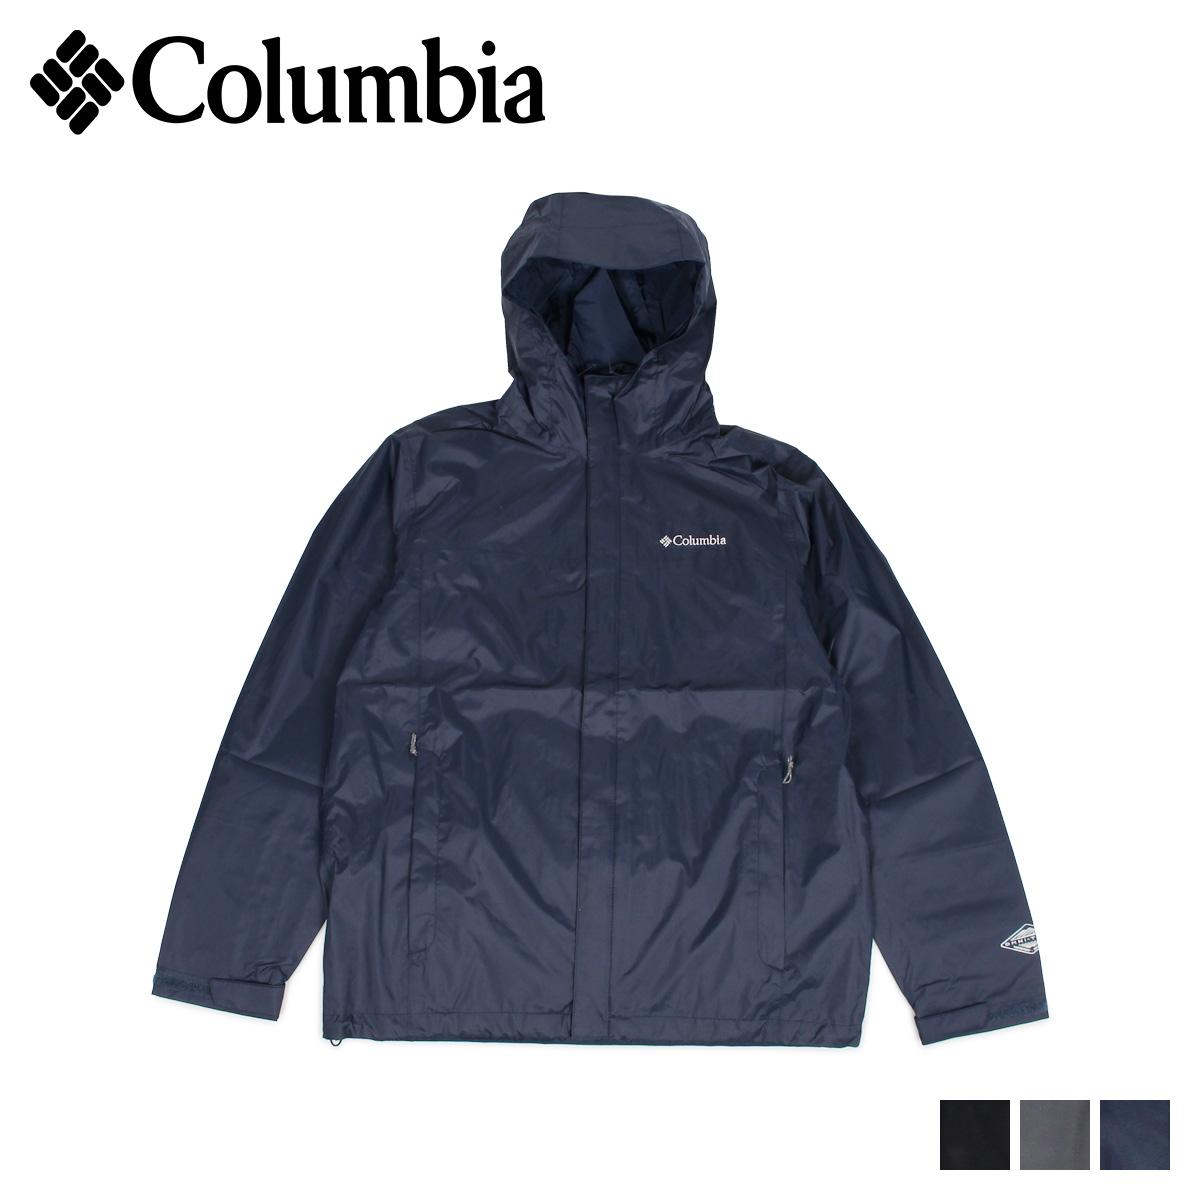 コロンビア Columbia ジャケット マウンテンパーカー ウォータータイト メンズ WATERTIGHT 2 ブラック グレー ネイビー 黒 1533891